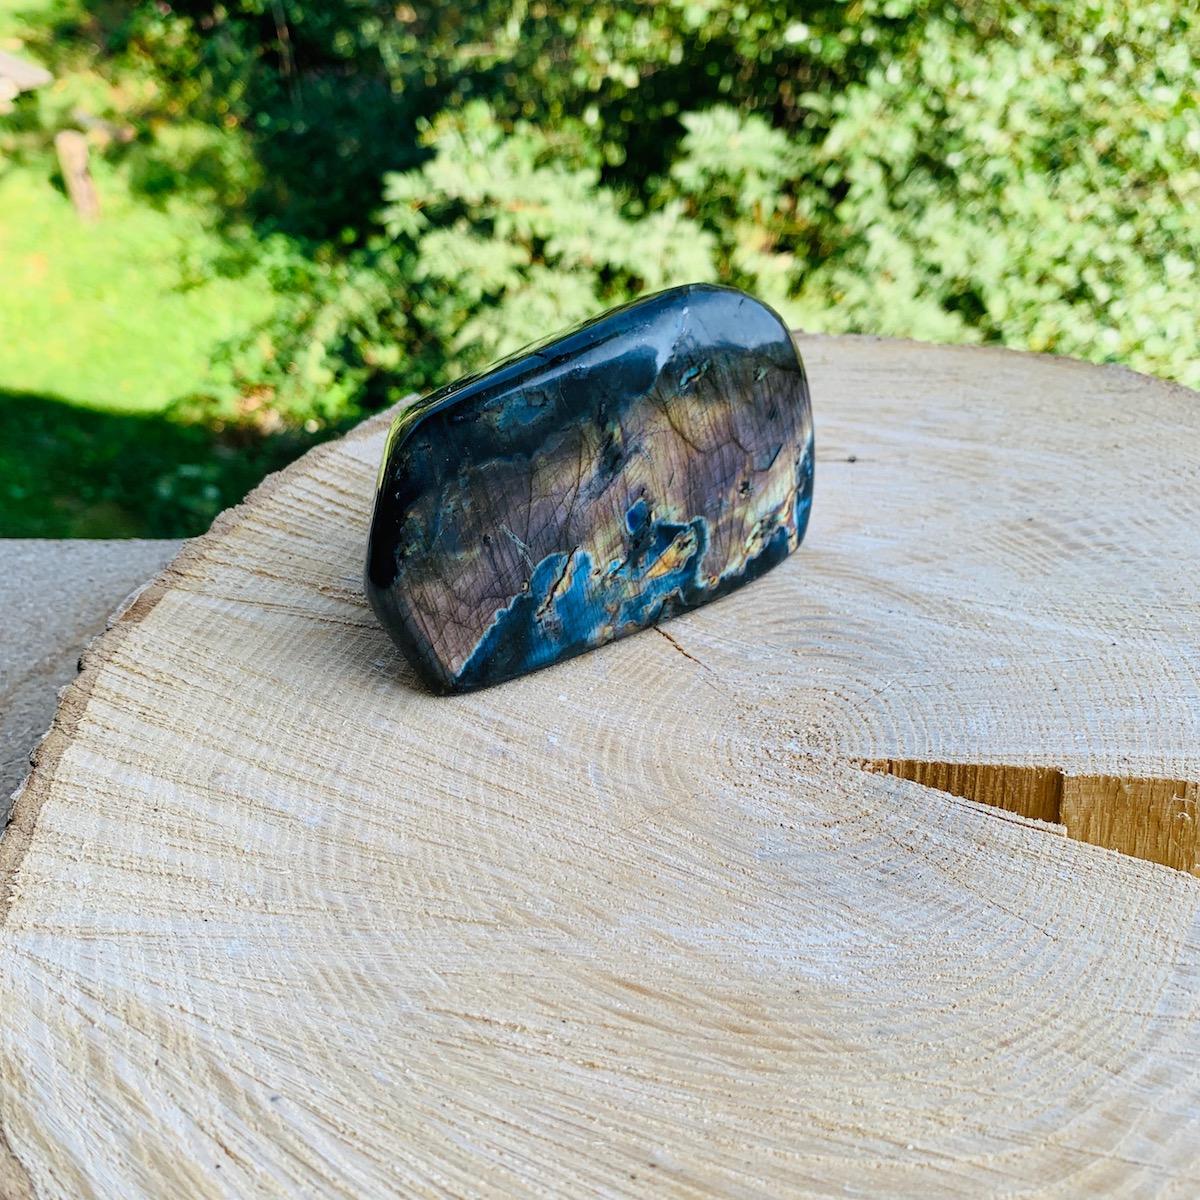 forme-libre-7-labradorite-polie-brute-pierres-du-monde-vosges-1b